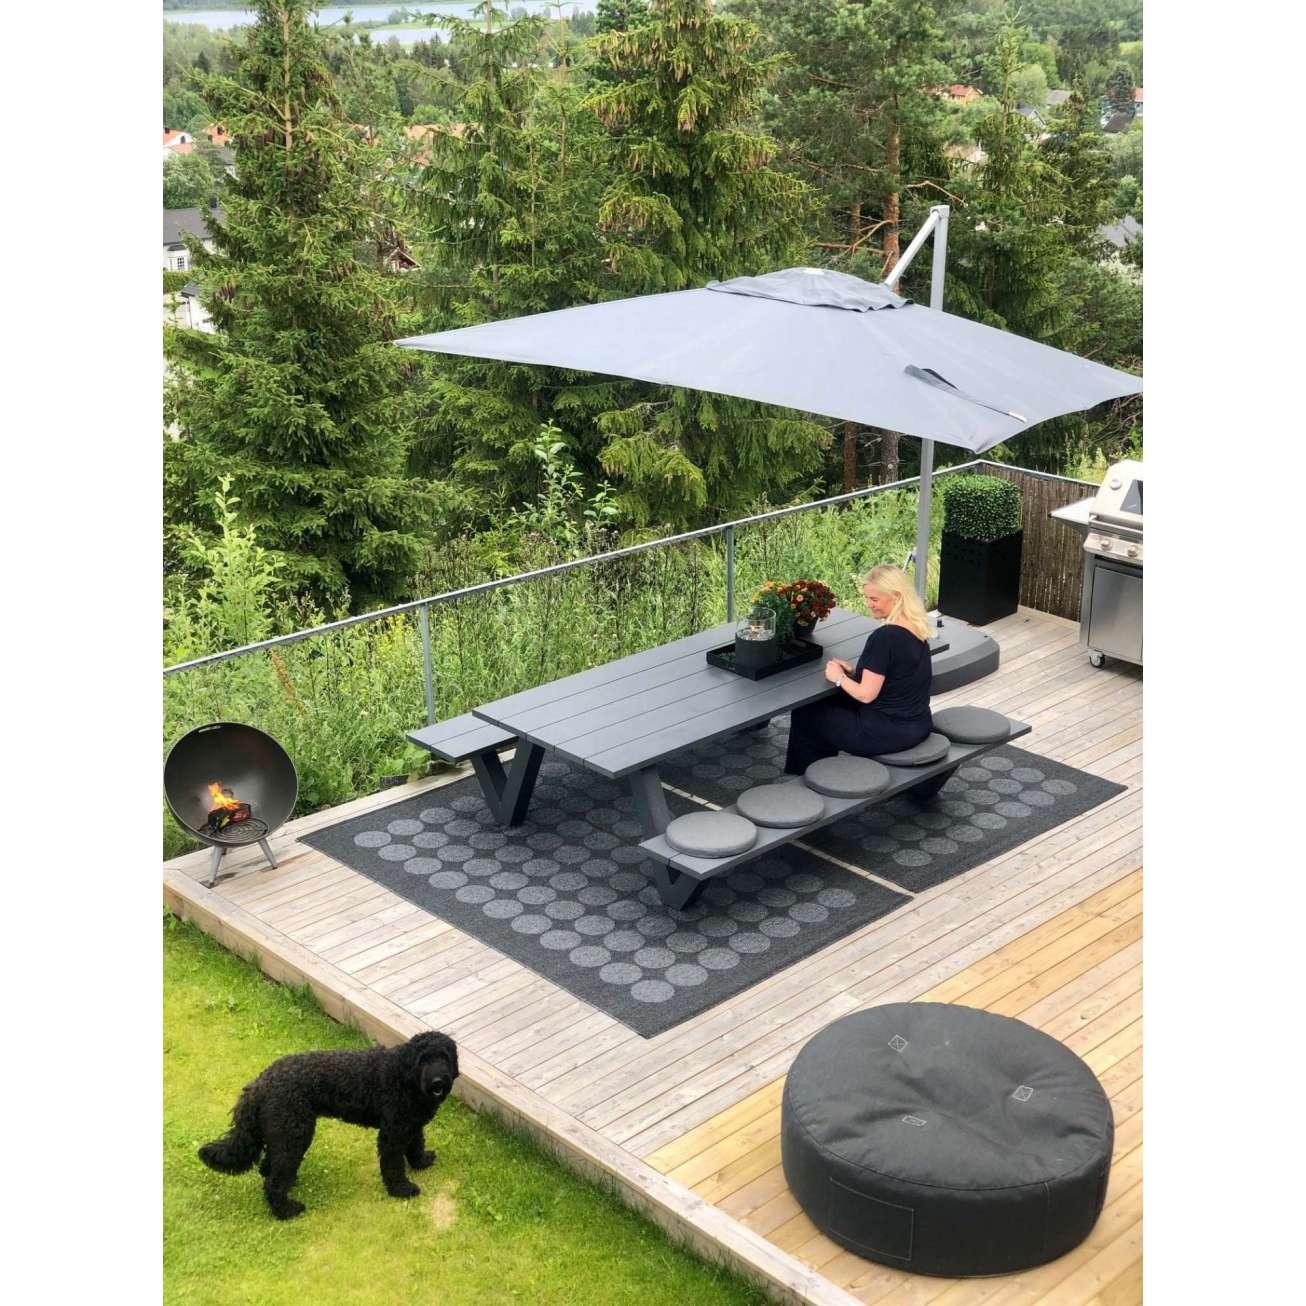 Hagemøbel-marianne-på-uteplass-under-parasoll Hagemøbler og utemøbler - Fine design